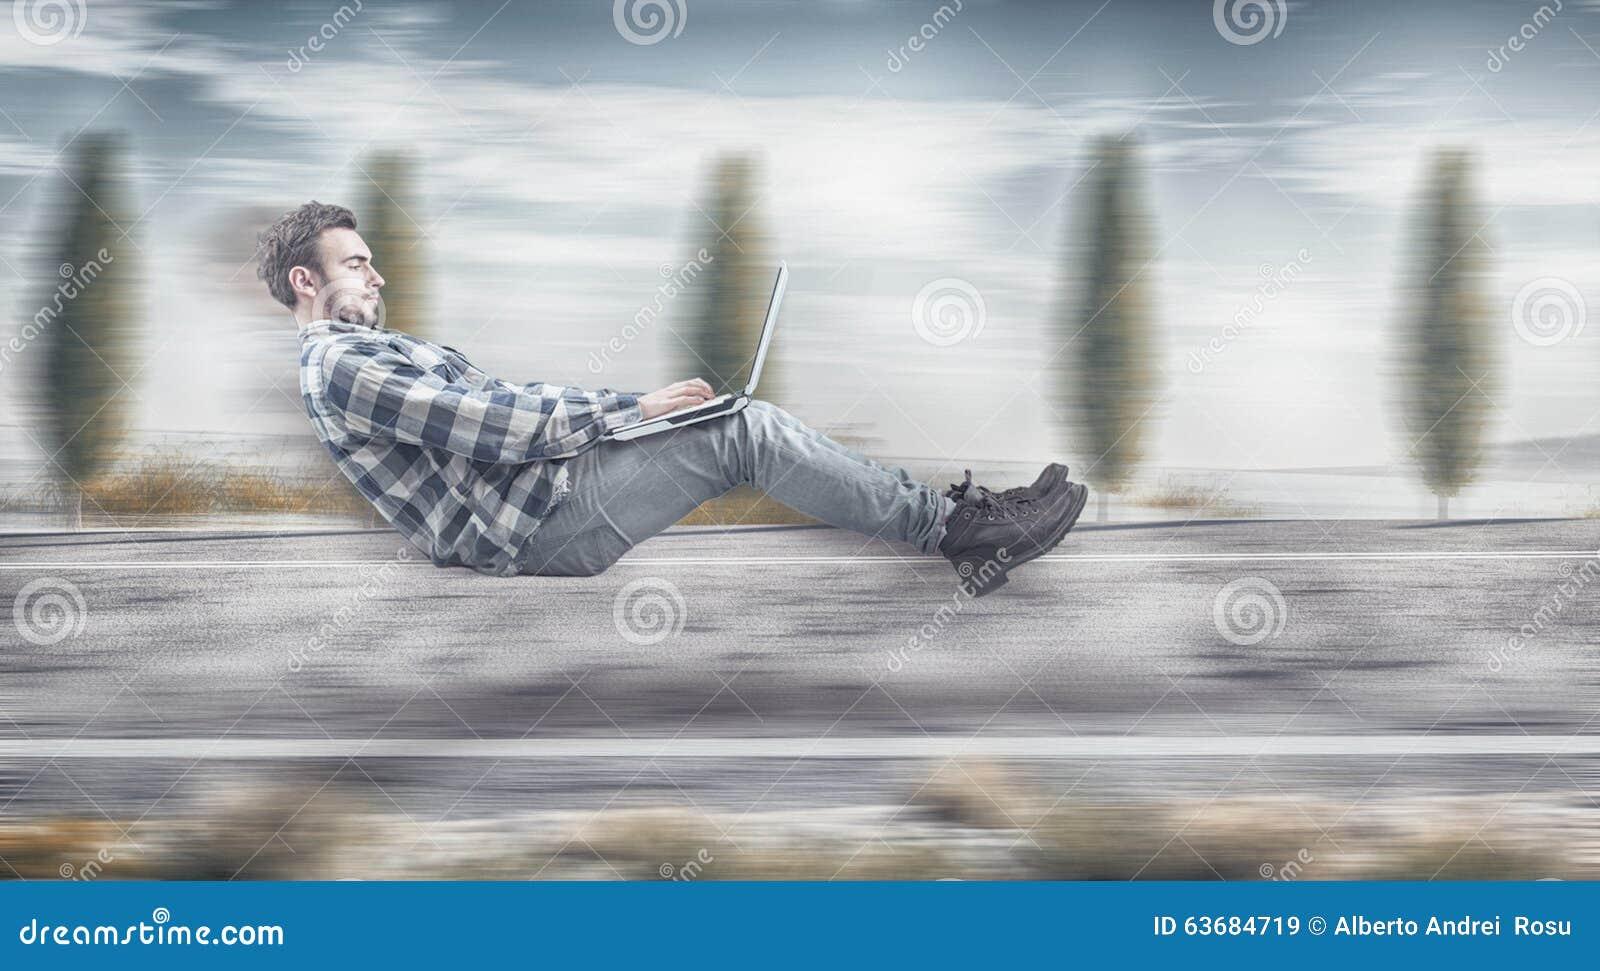 Hombre de negocios que eleva y mantiene flotando rápido